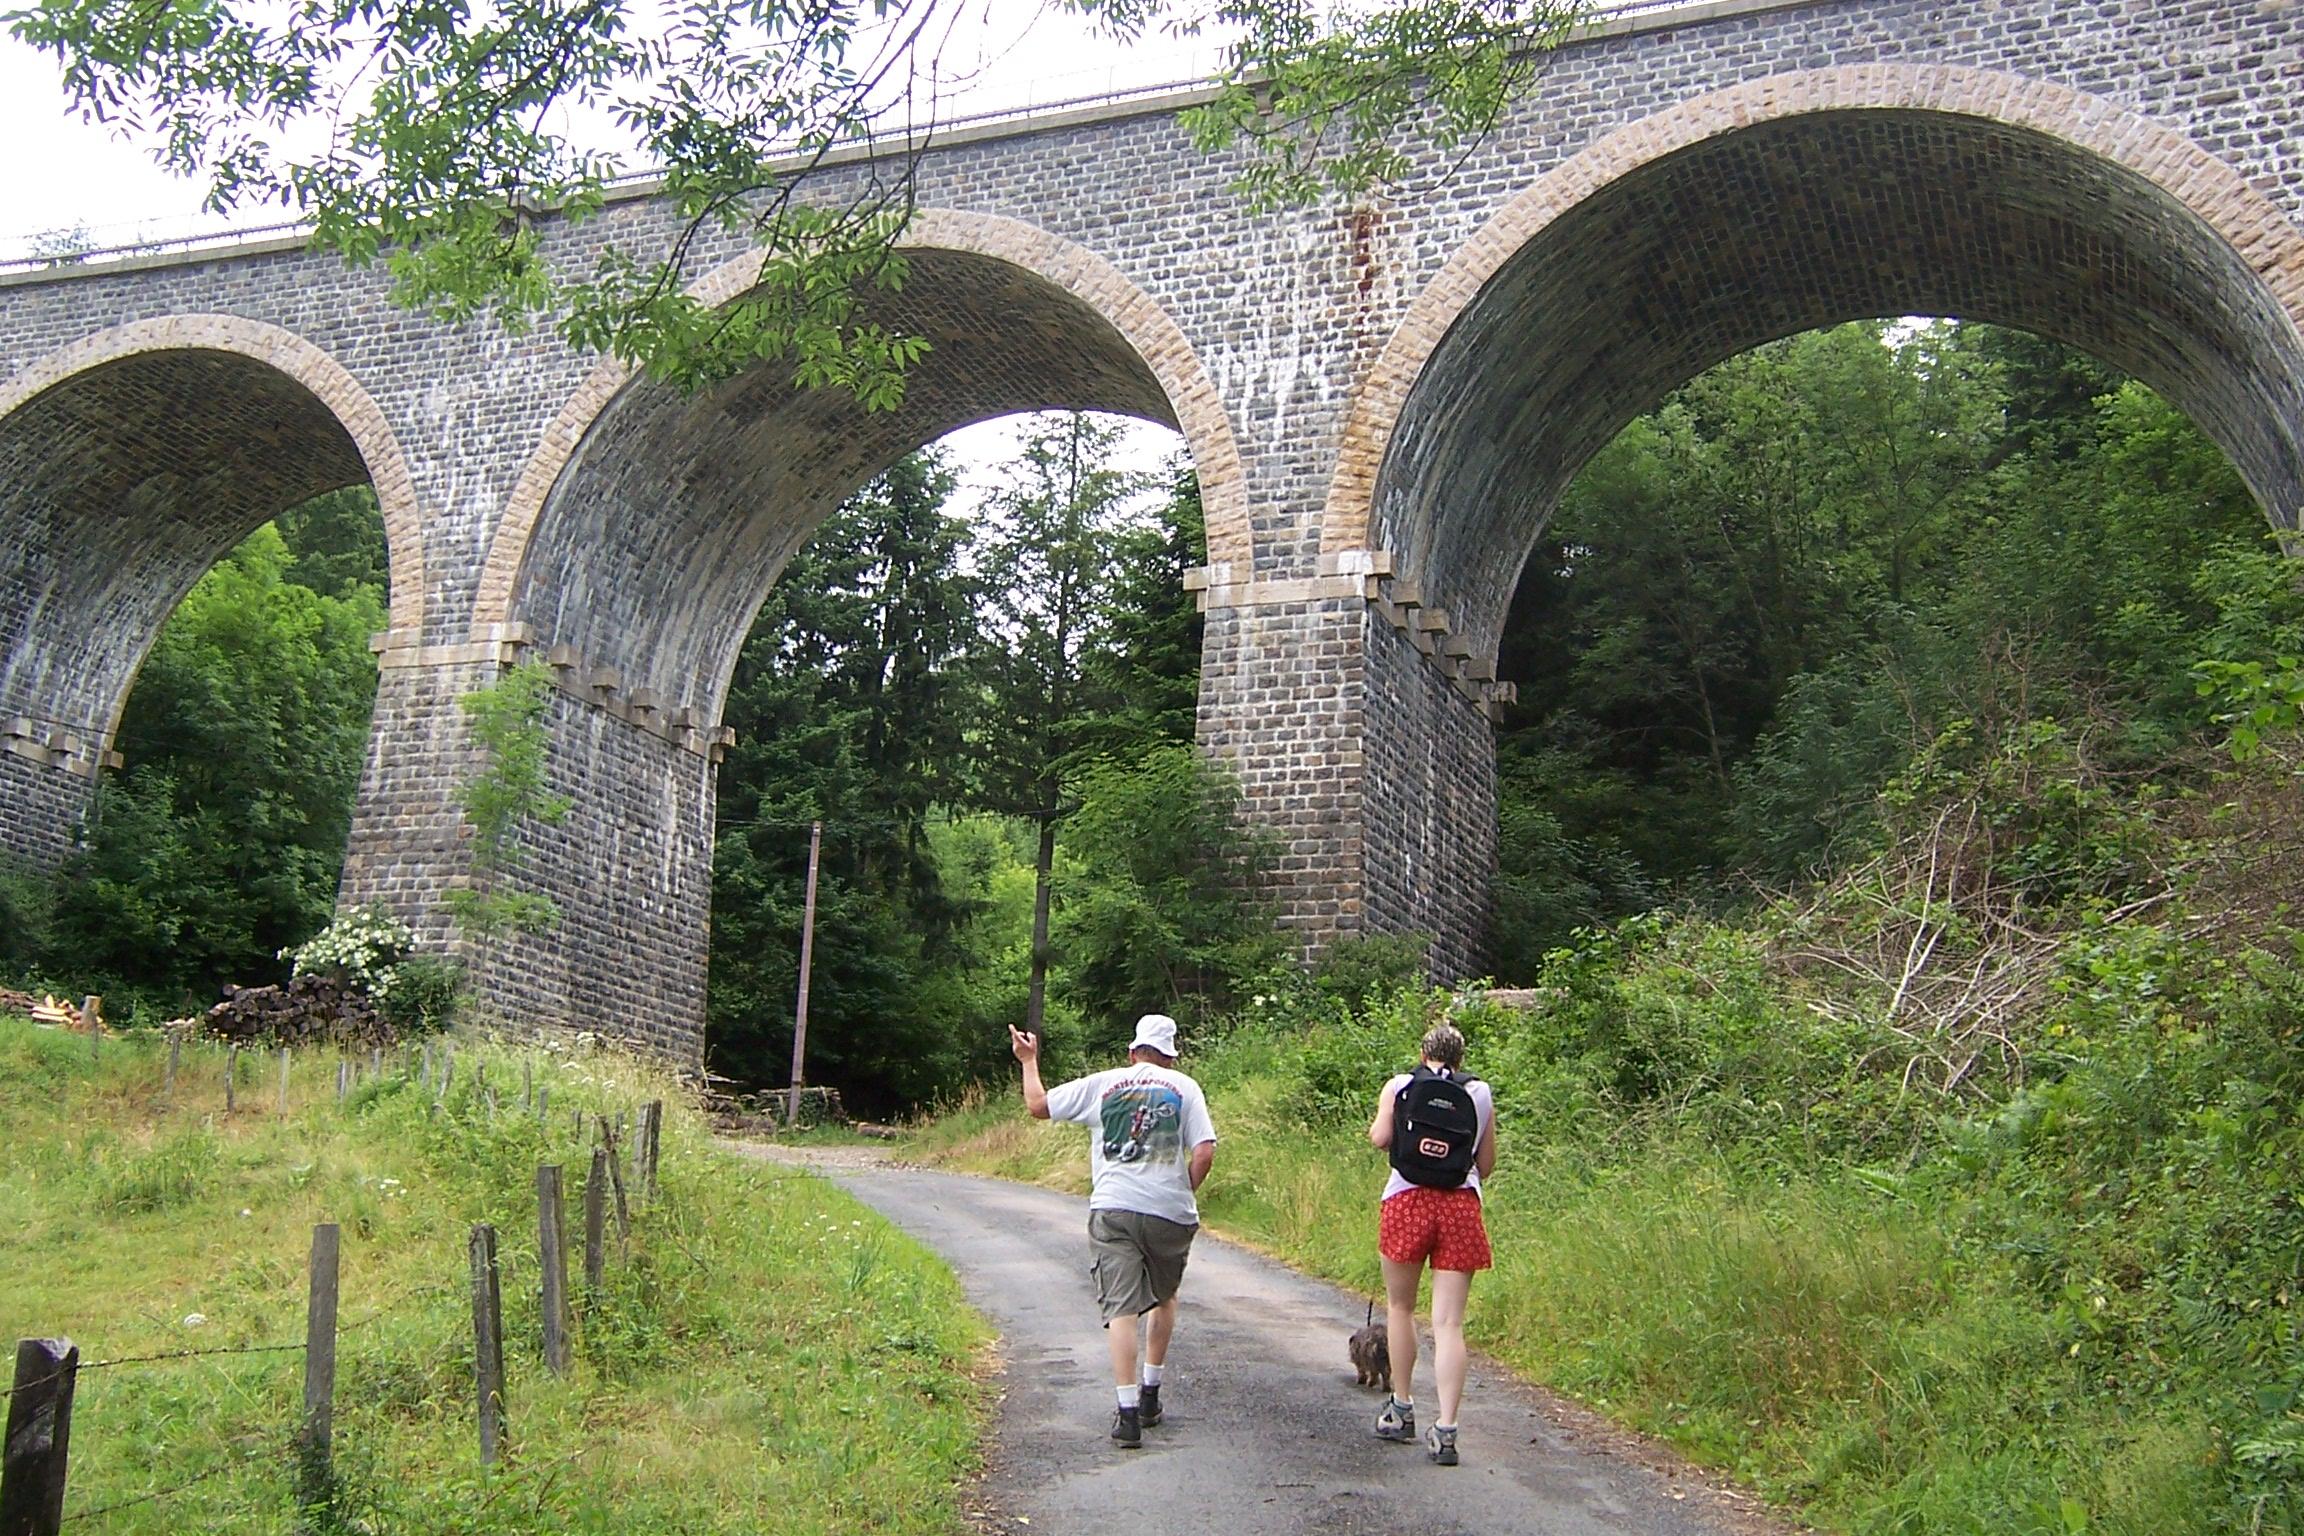 Randonn e p destre des viaducs 17 km beaujolais vert - Site officiel office de tourisme de cauterets ...